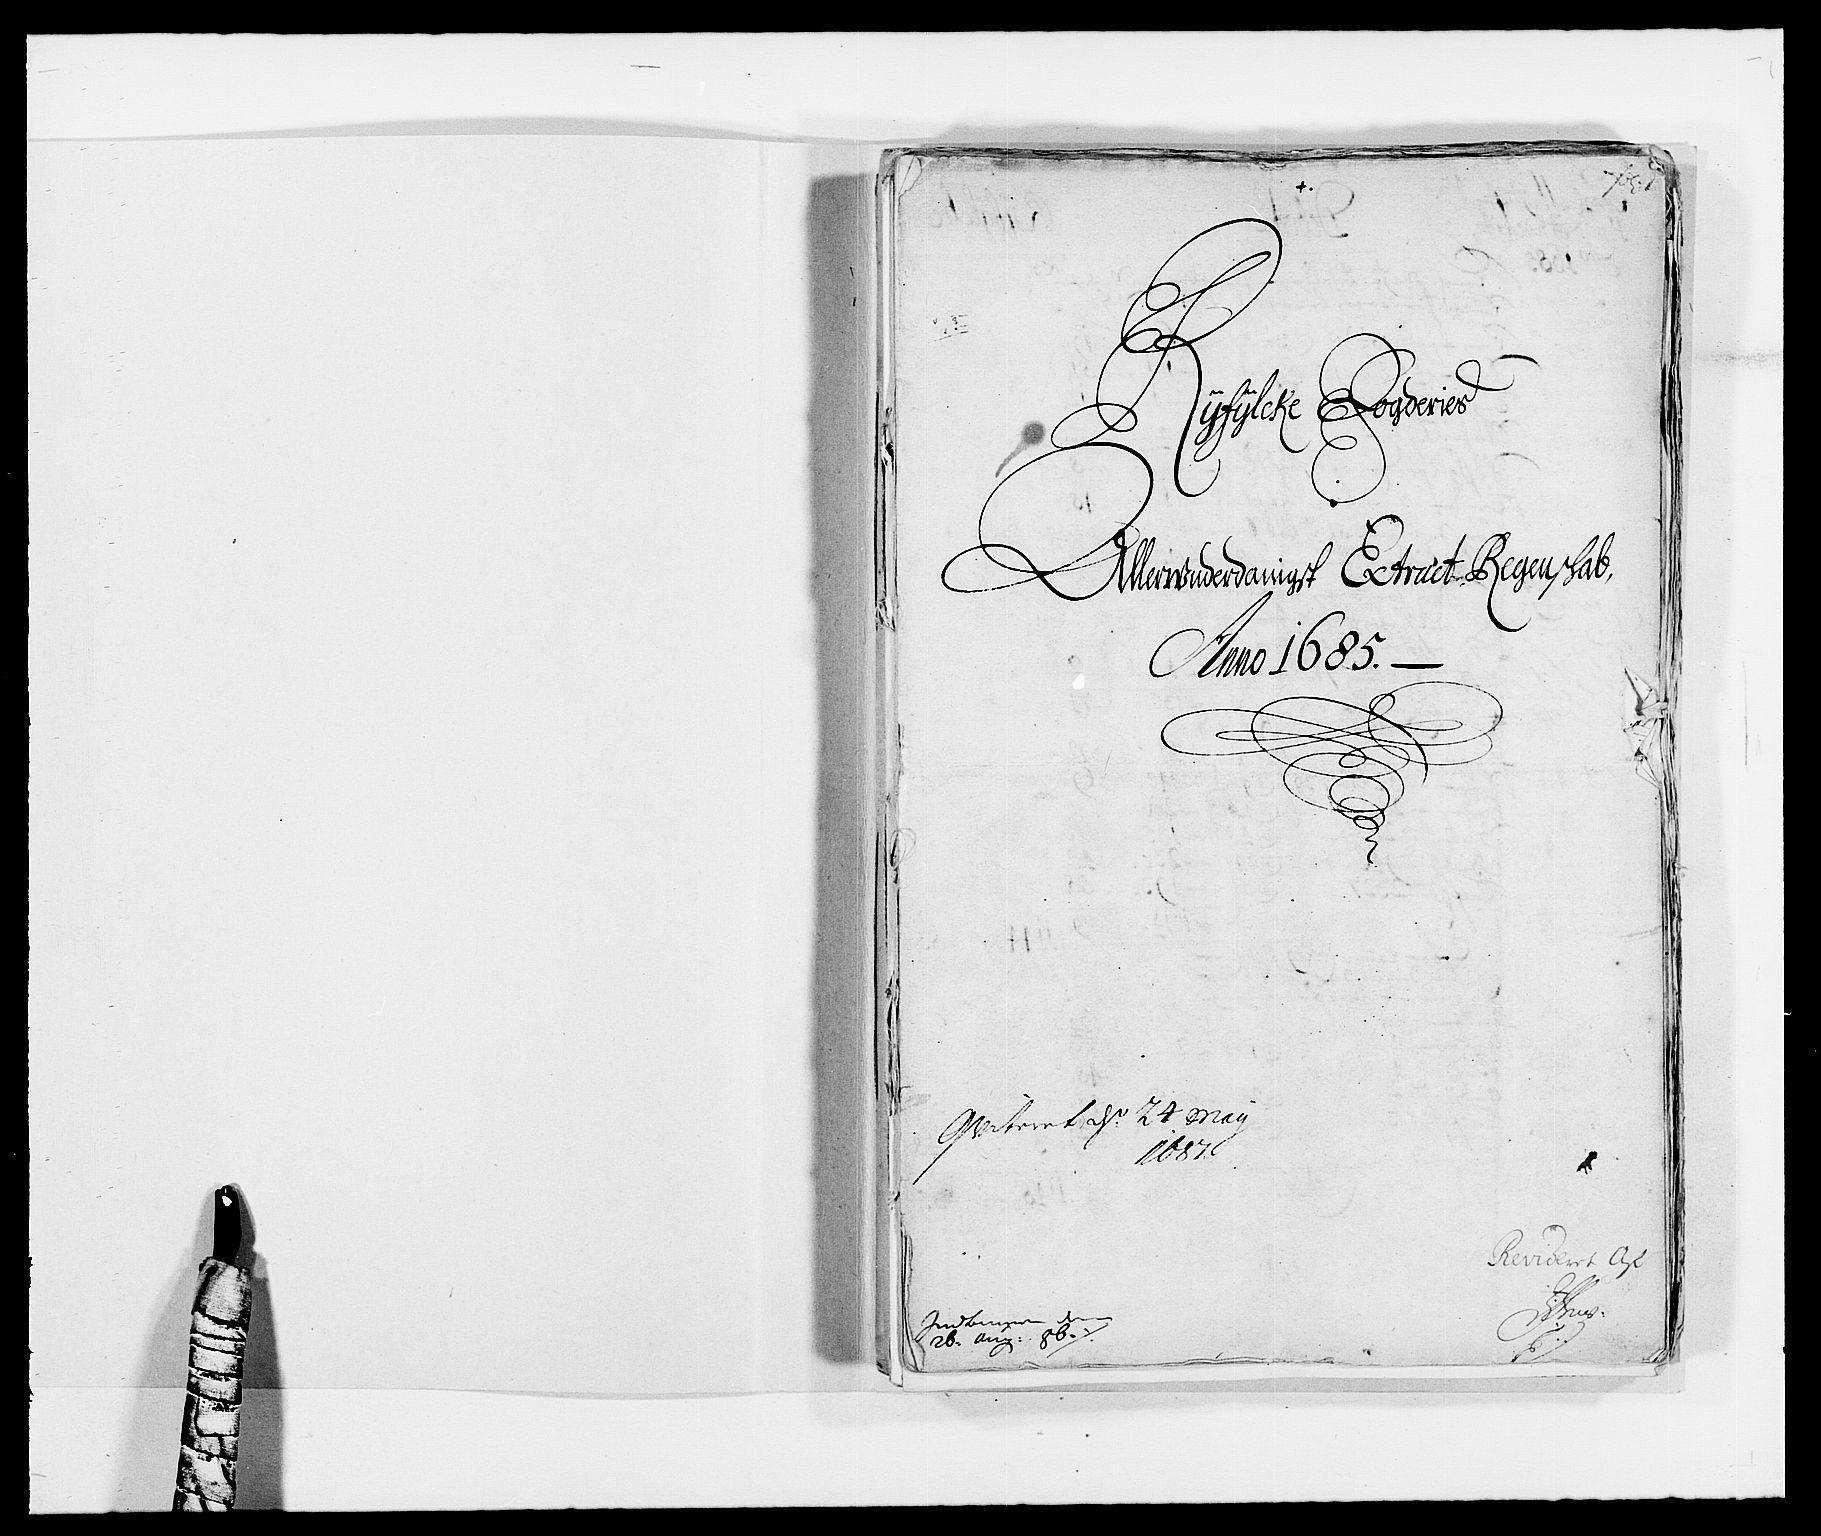 RA, Rentekammeret inntil 1814, Reviderte regnskaper, Fogderegnskap, R47/L2855: Fogderegnskap Ryfylke, 1685-1688, s. 2